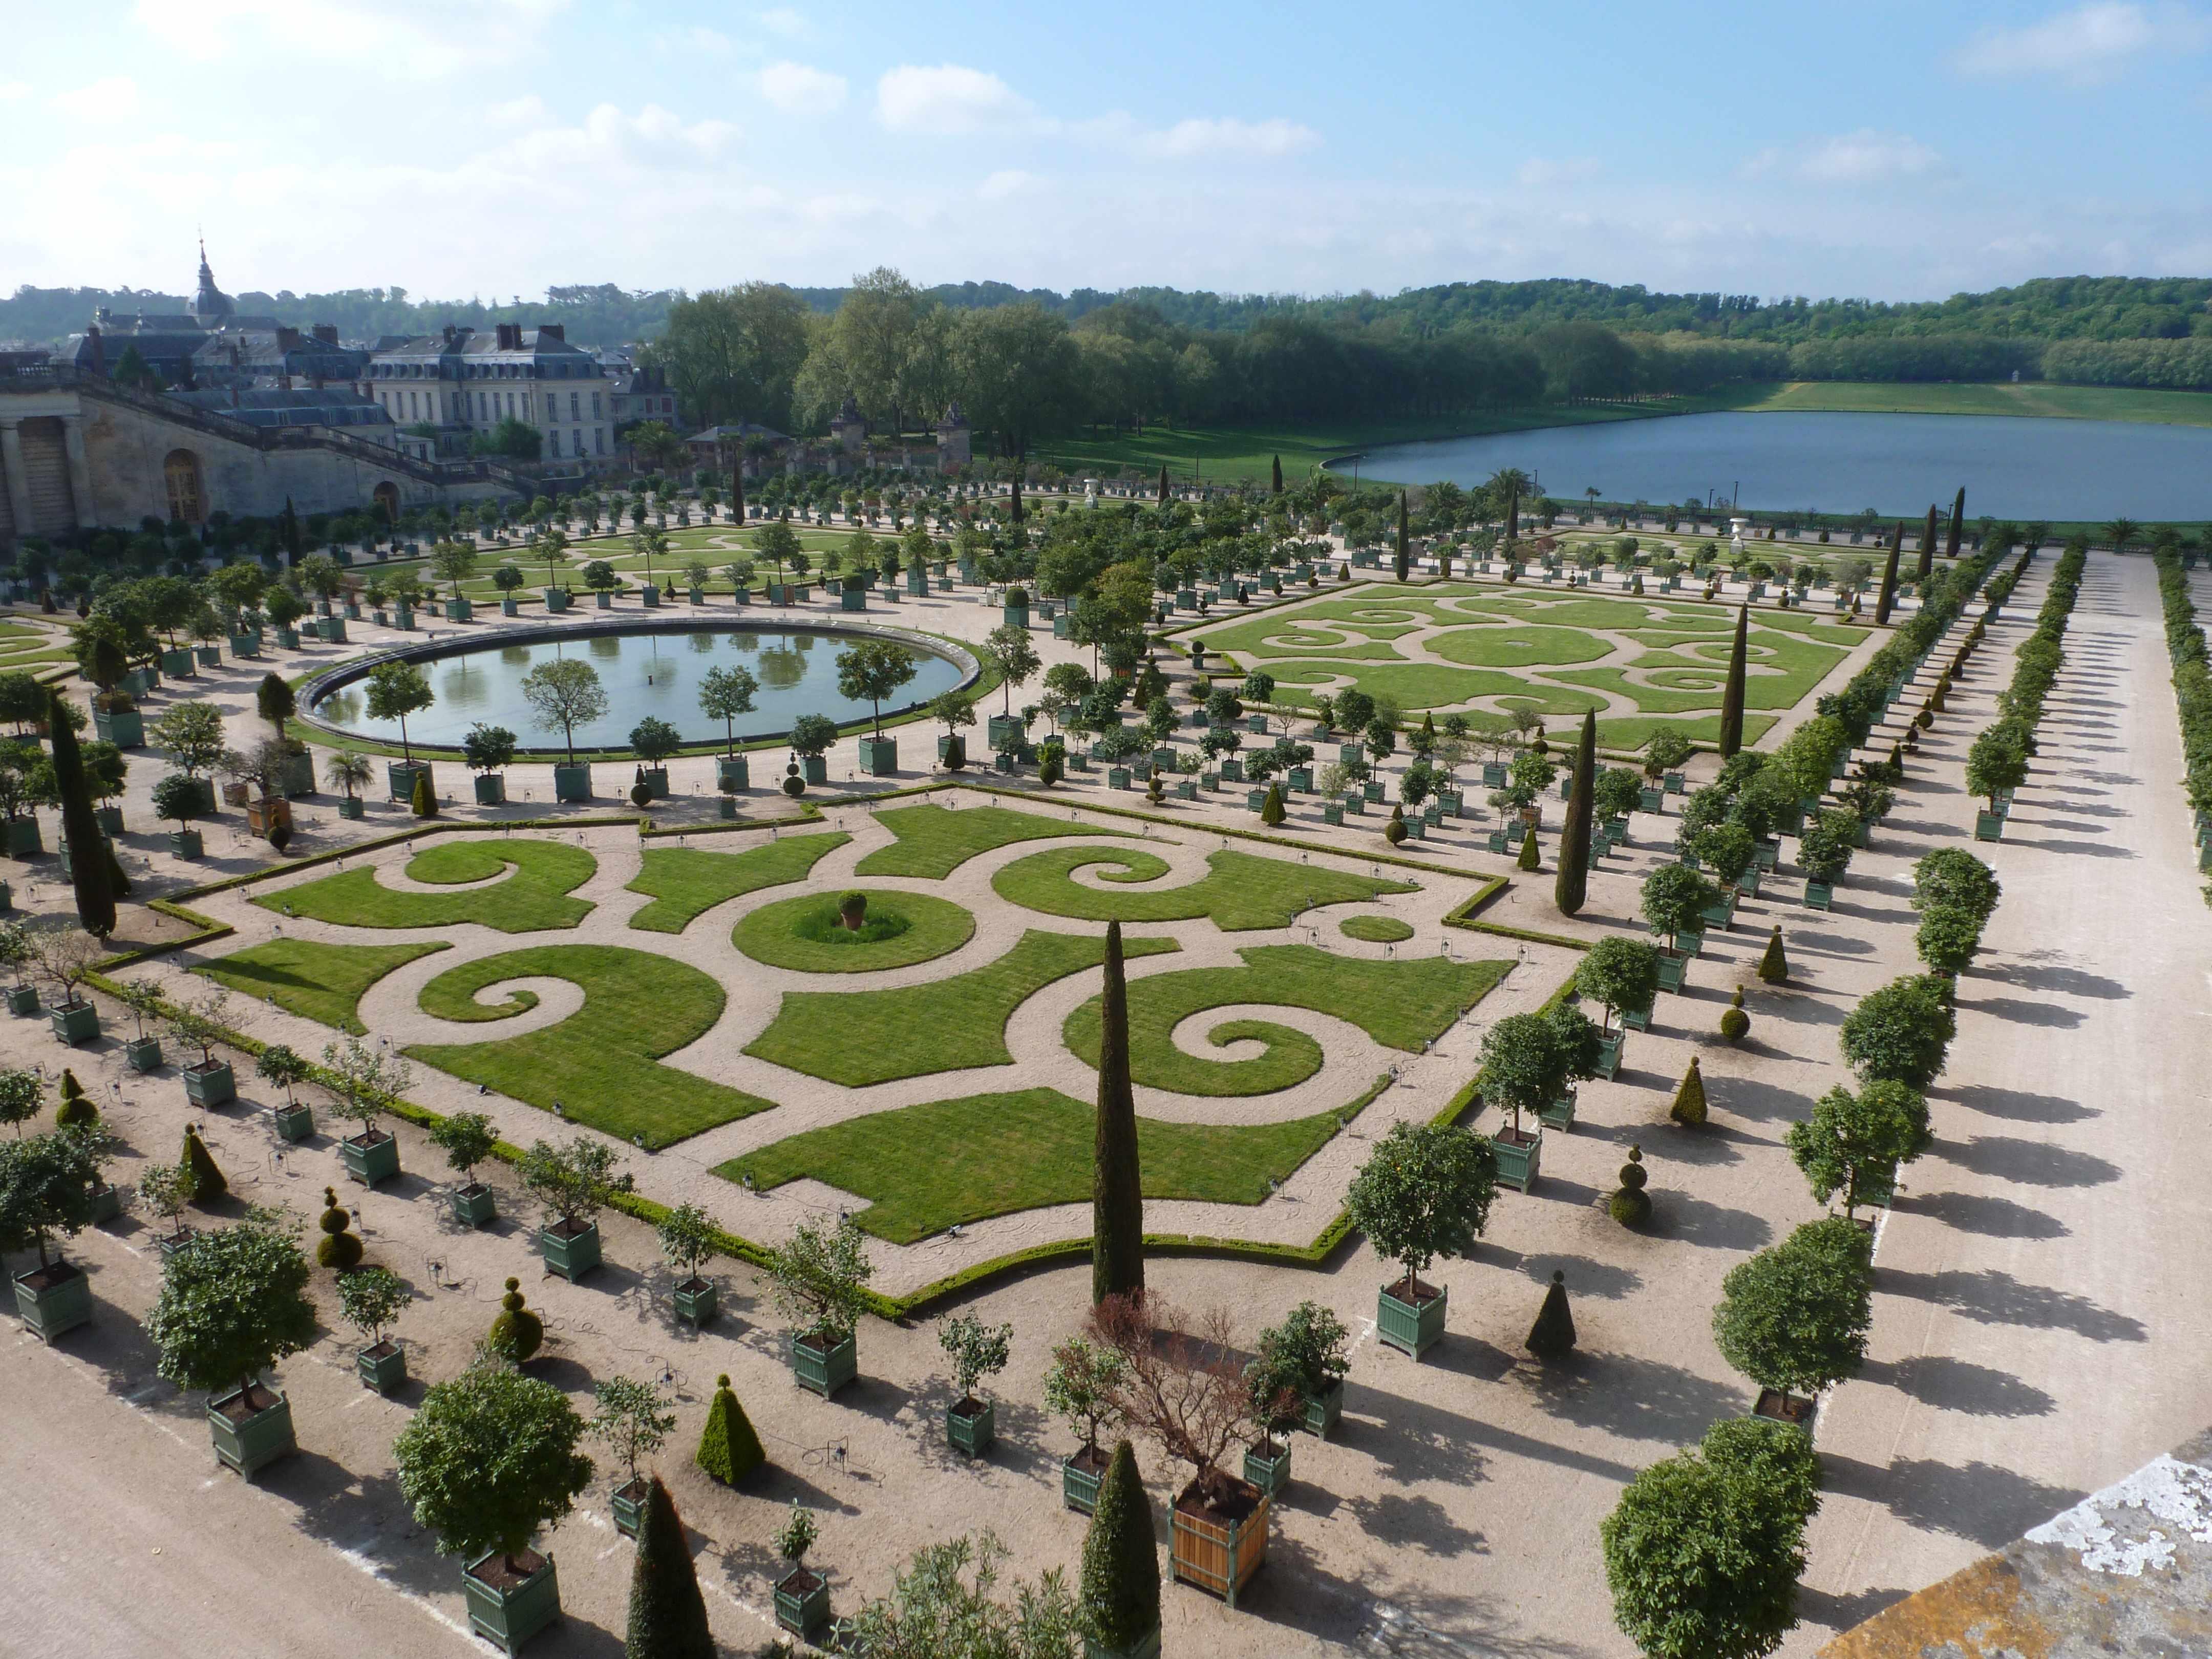 Versailles orangerie et piece d-eau des suisses 05-2013